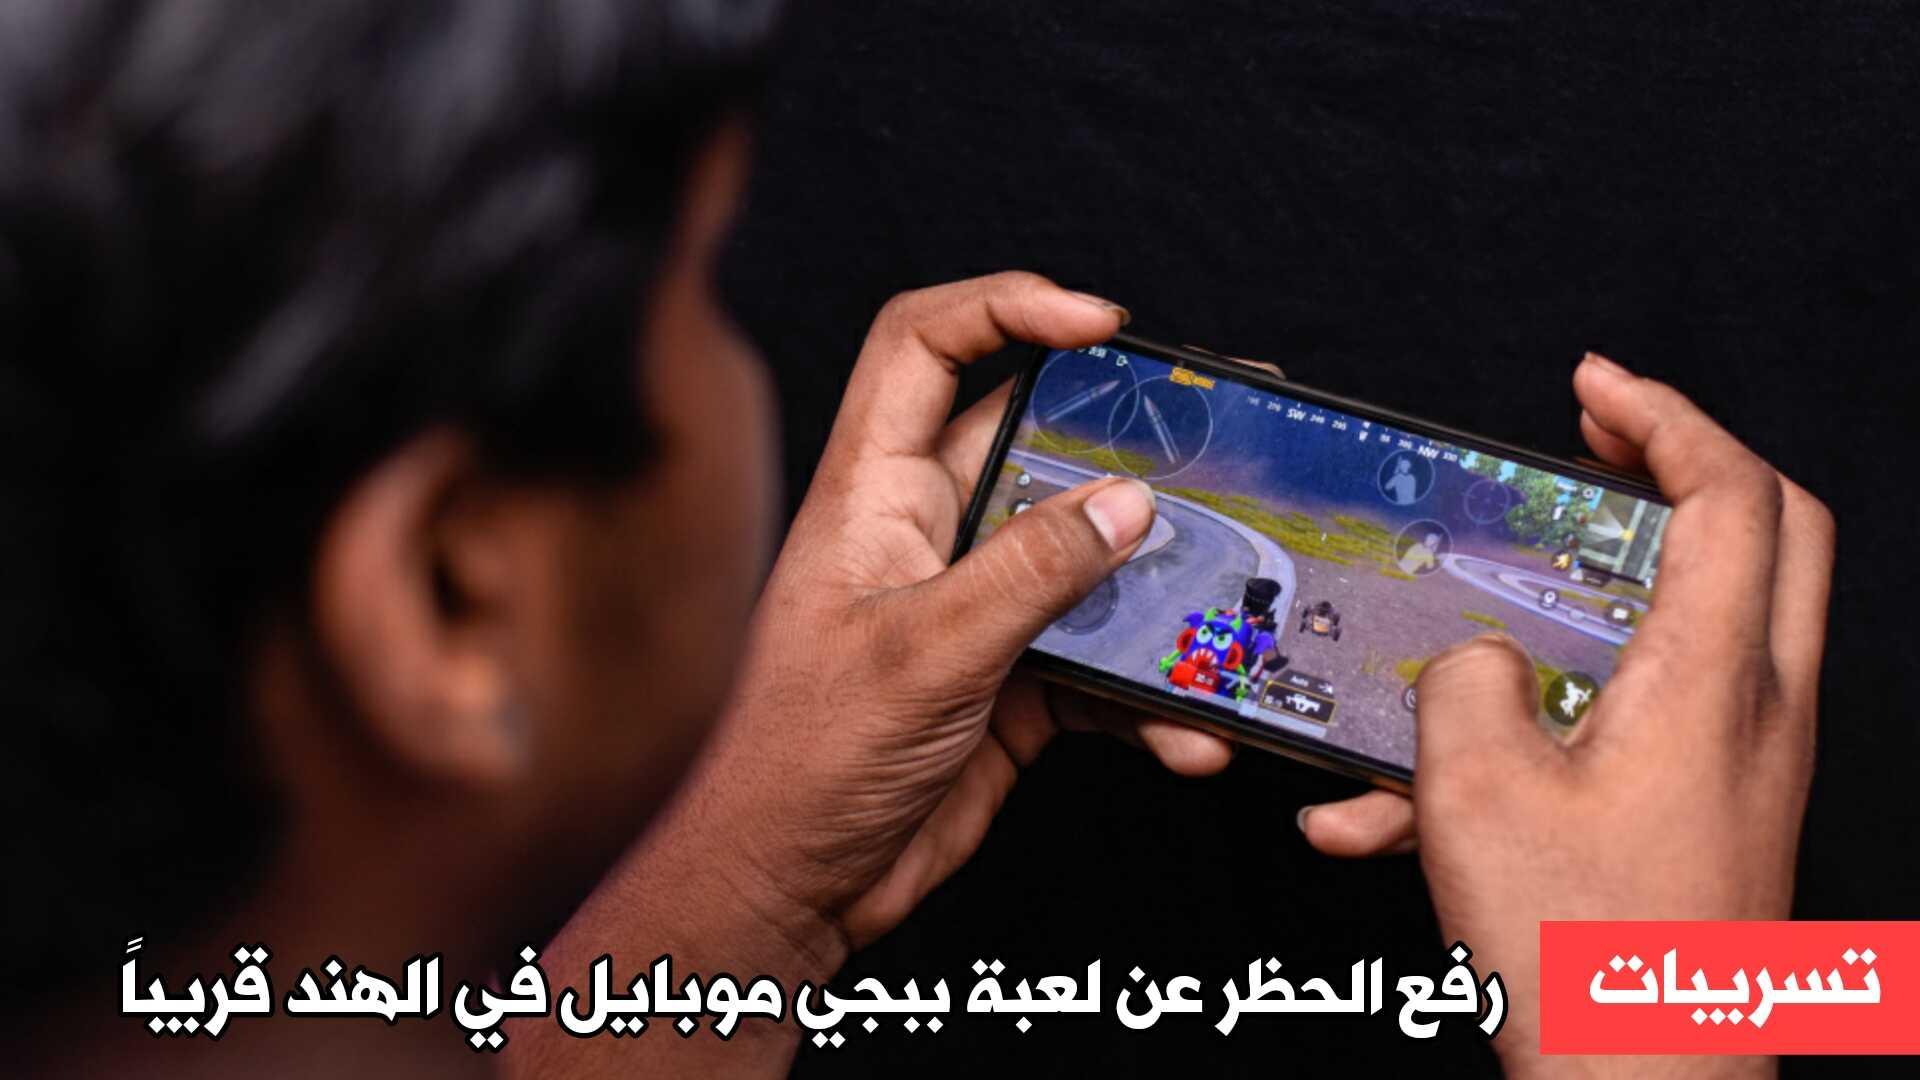 تسريبات : رفع الحظر عن لعبة ببجي موبايل في الهند قريباً